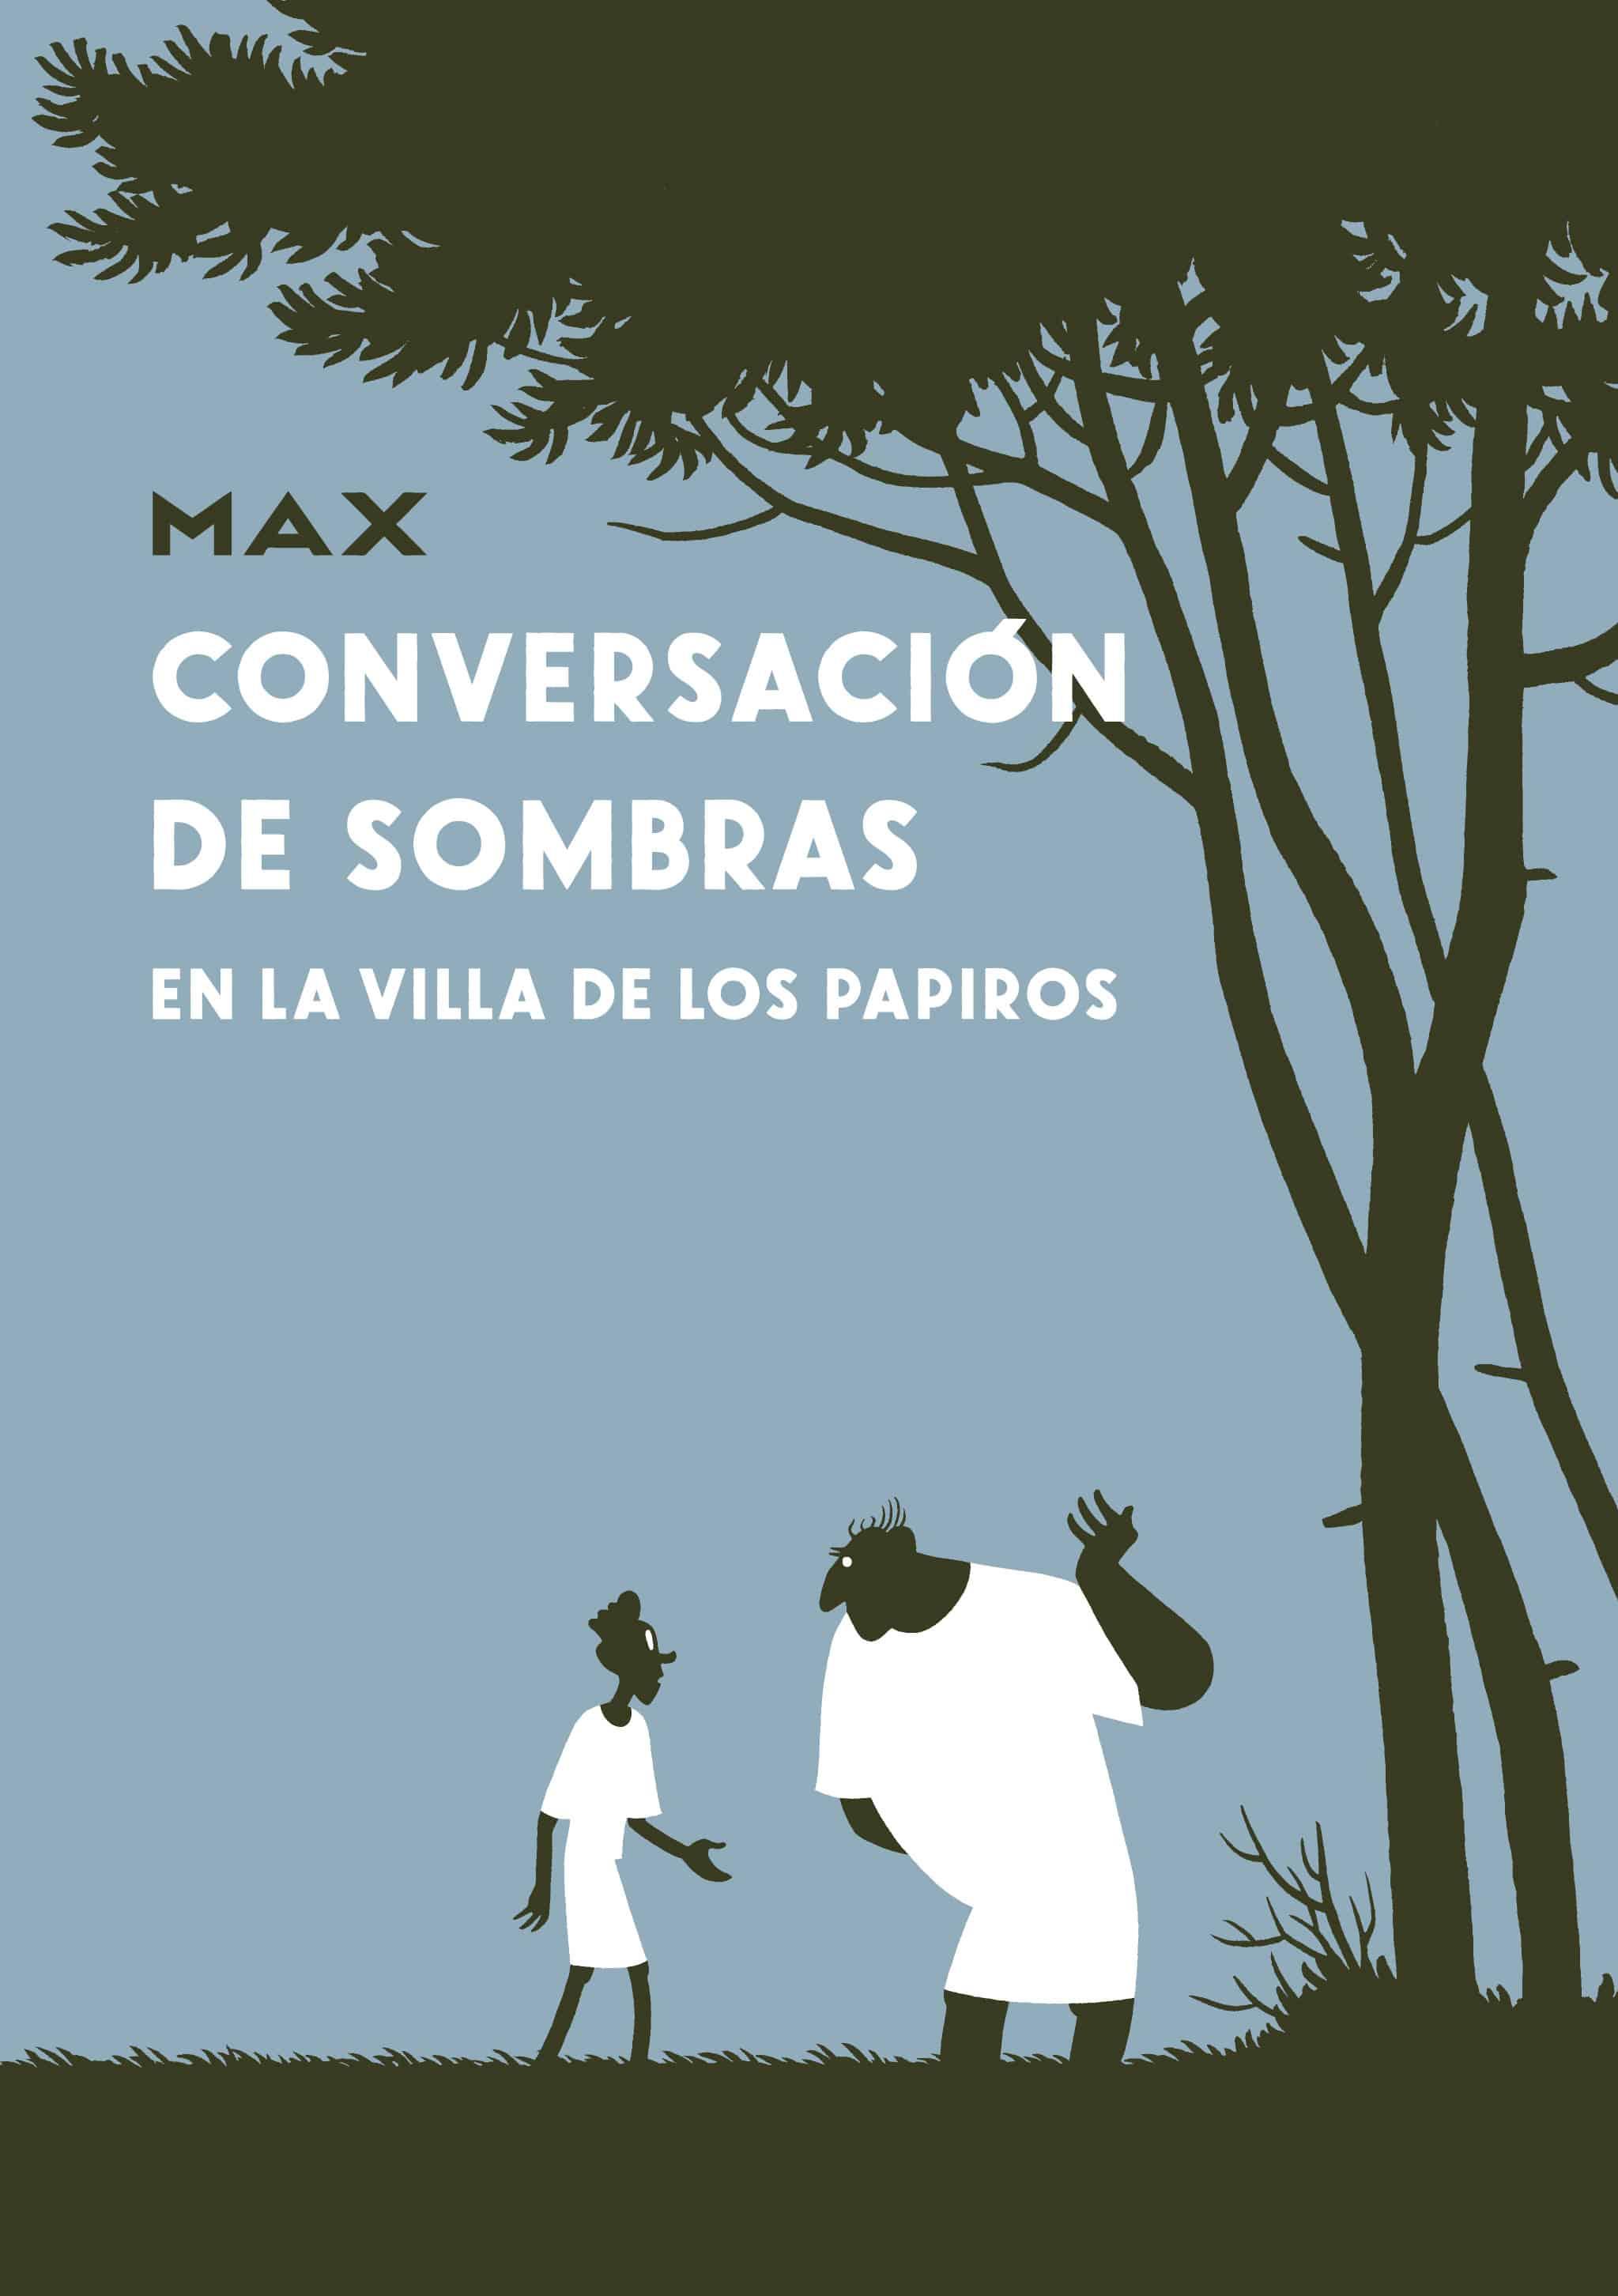 CONVERSACION DE SOMBRAS EN LA VILLA DE LOS PAPIROS